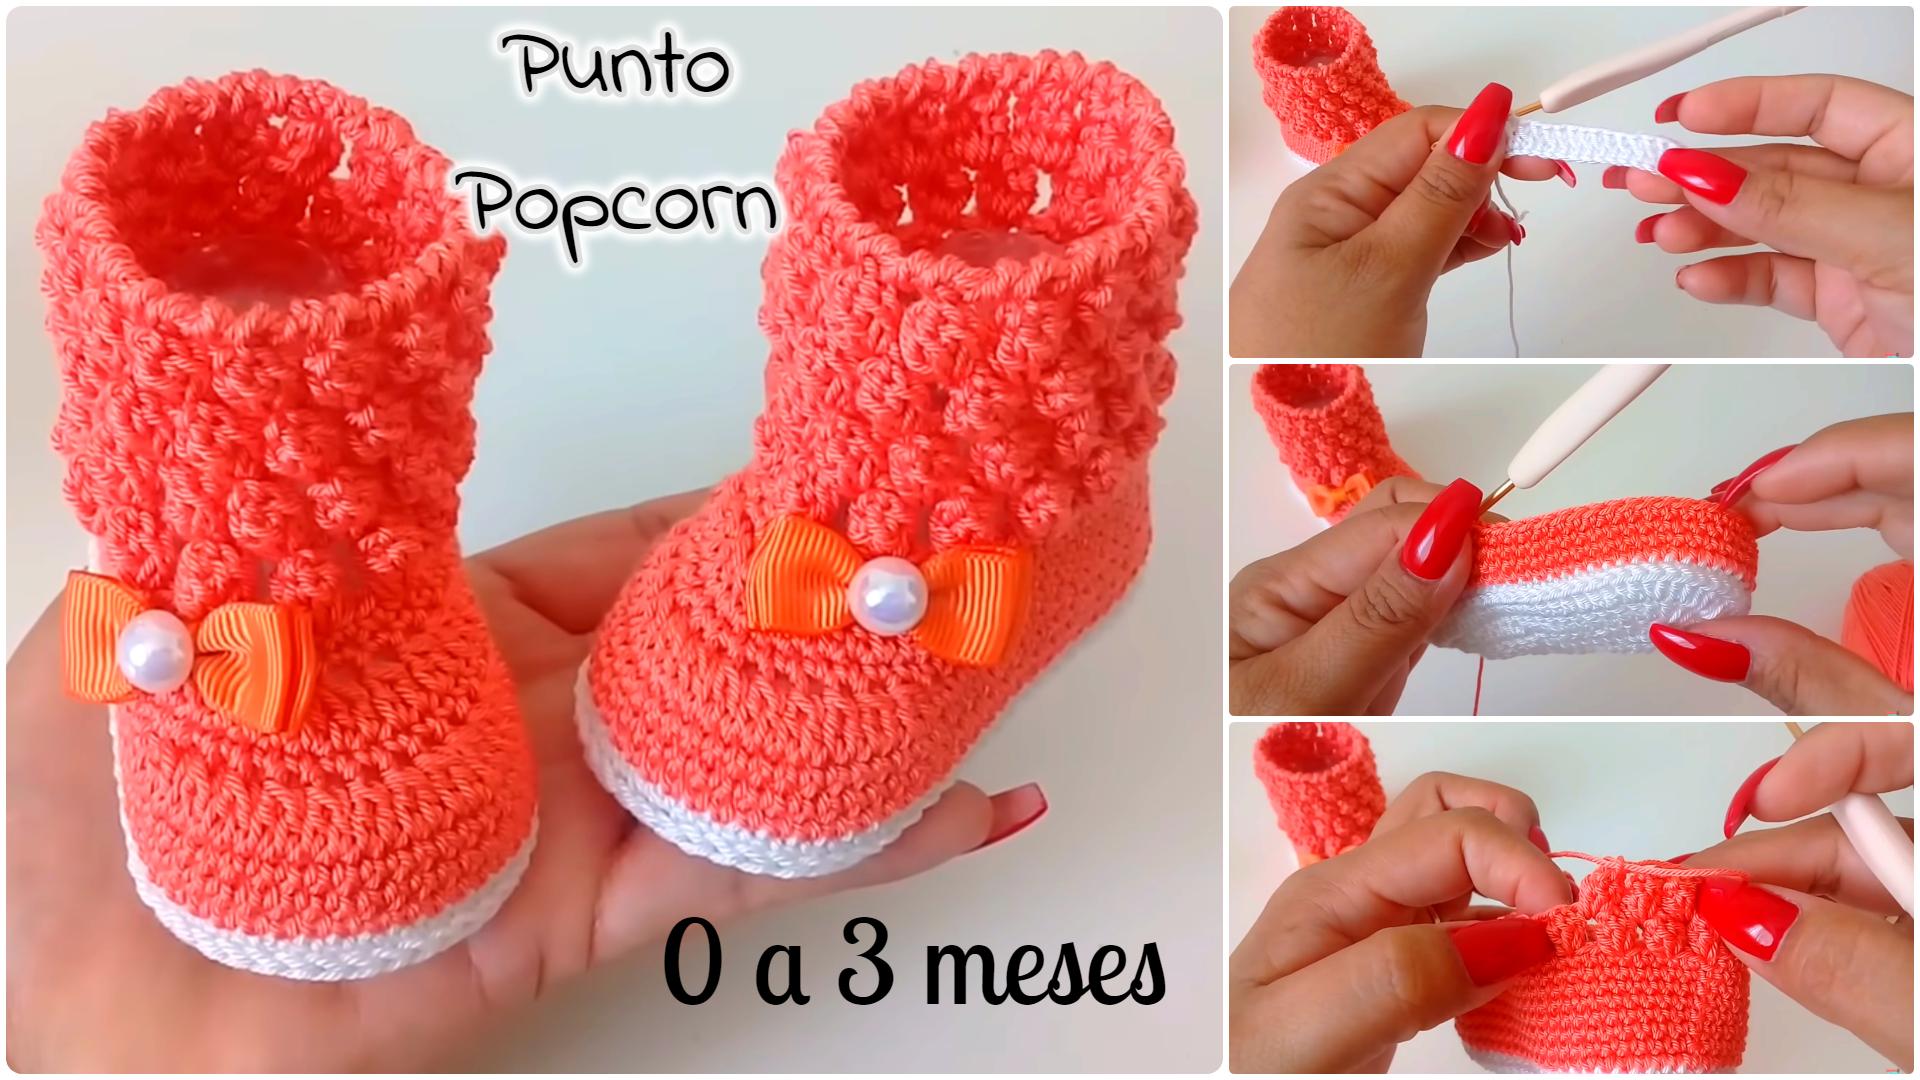 Tutorial botas a crochet para bebe – popcorn-0 a 3 meses